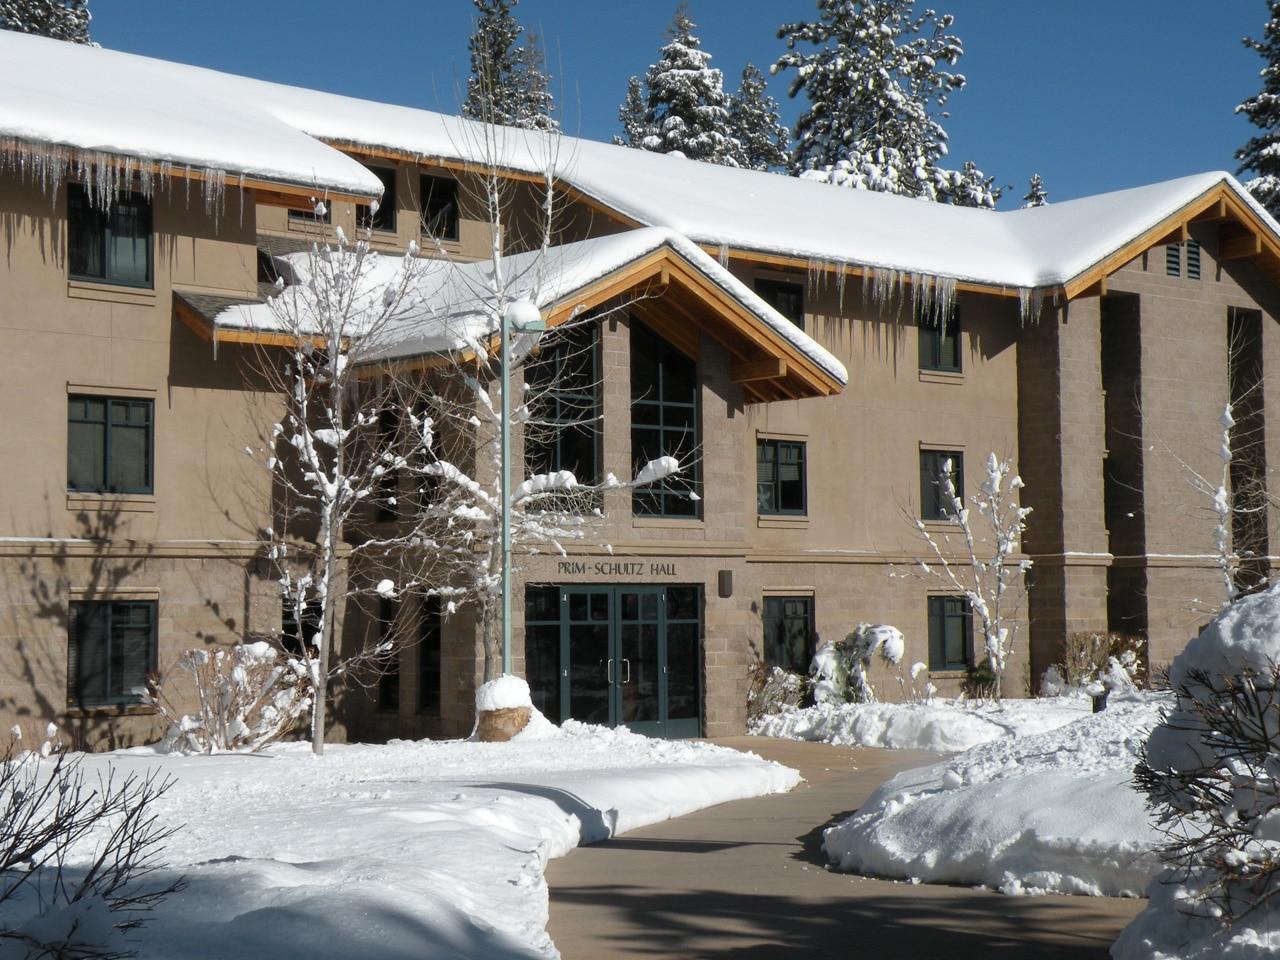 studentboende college usa sierra nevada college